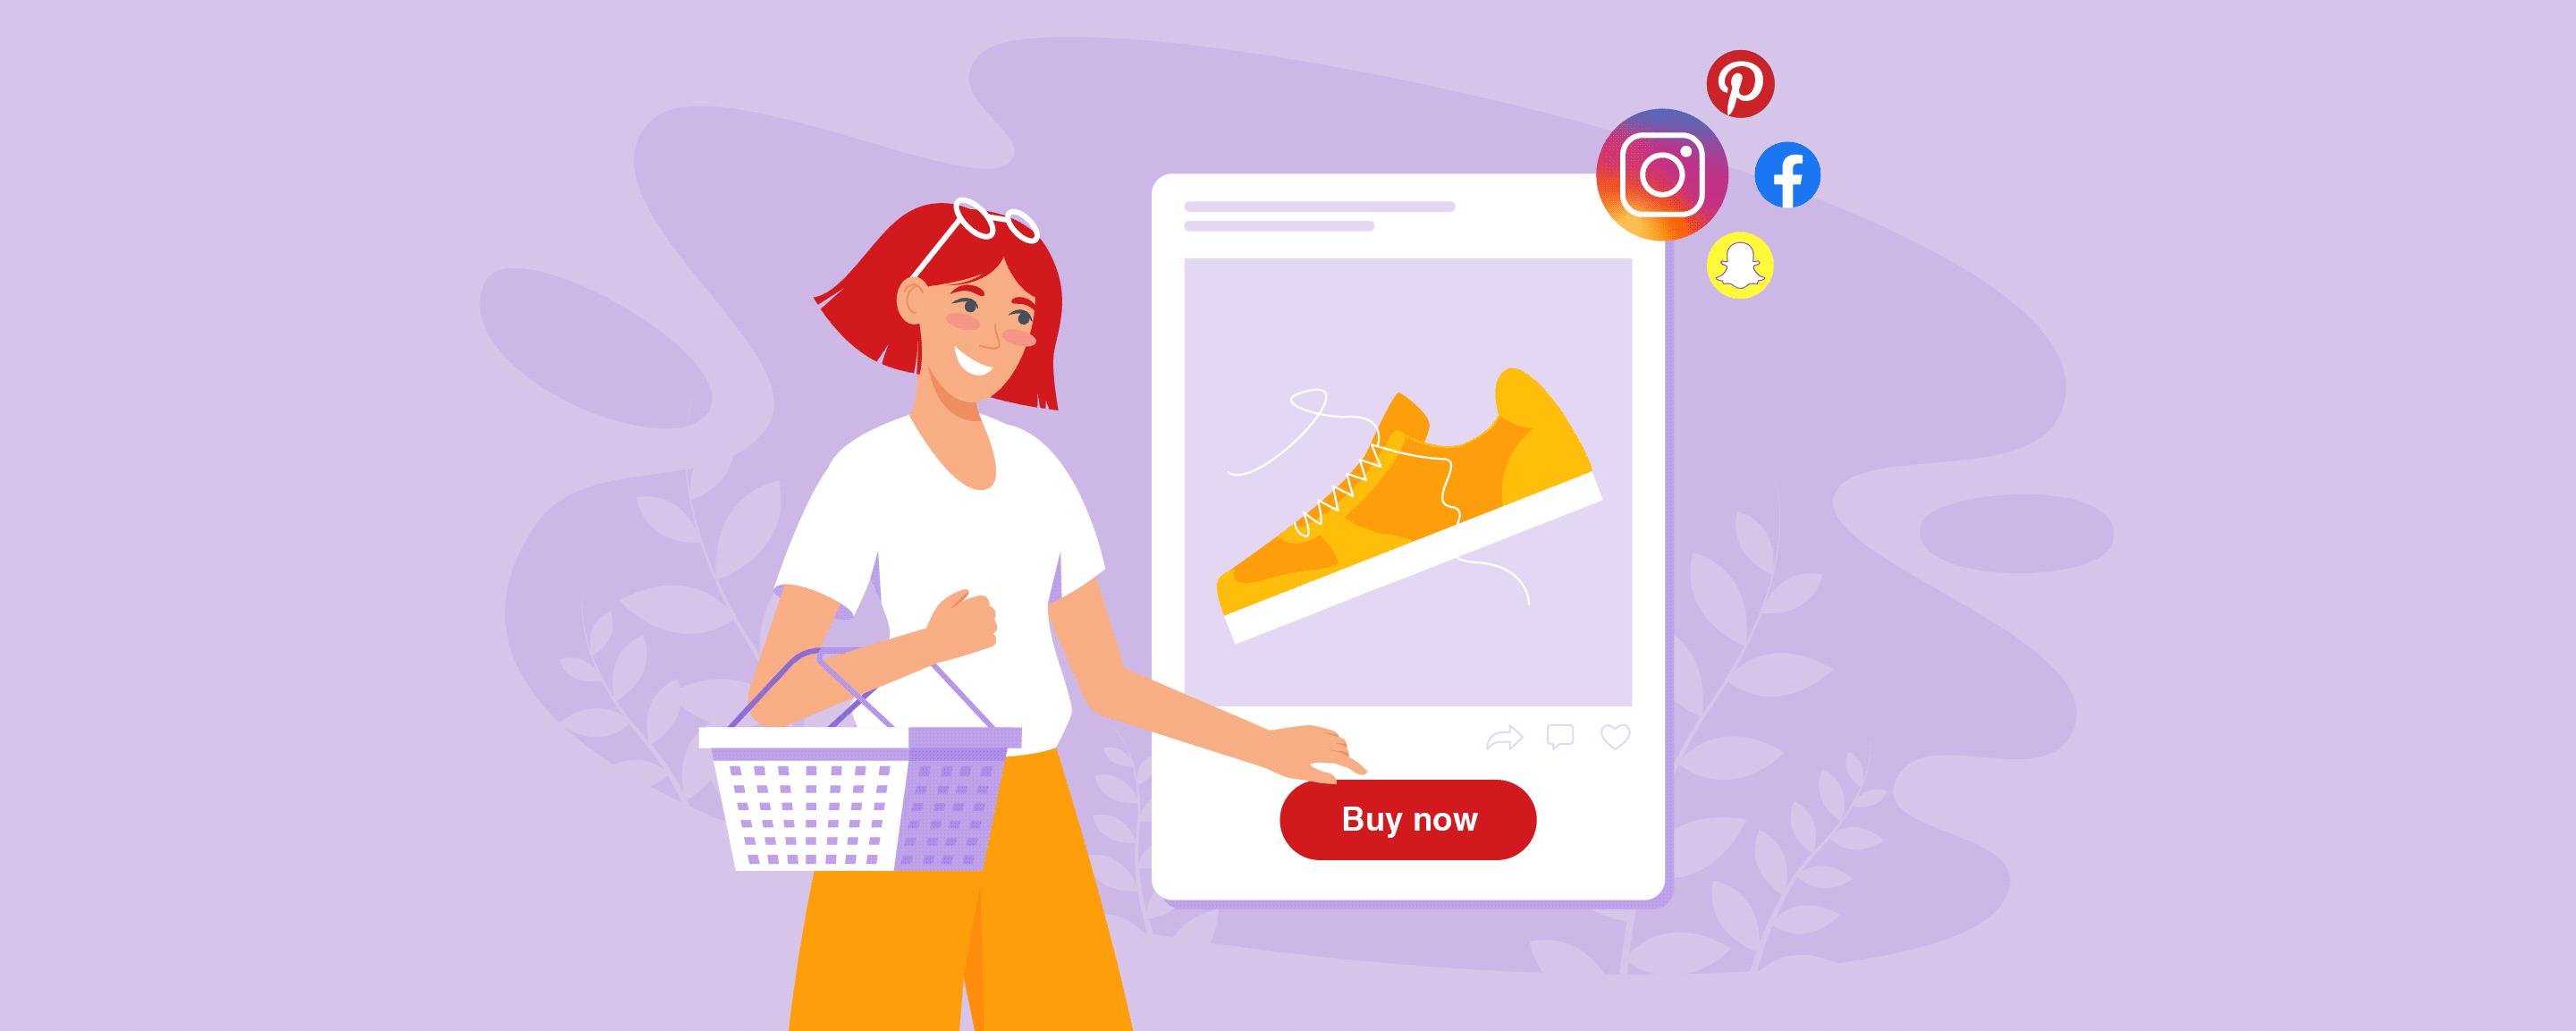 Kết quả hình ảnh cho Social commerce